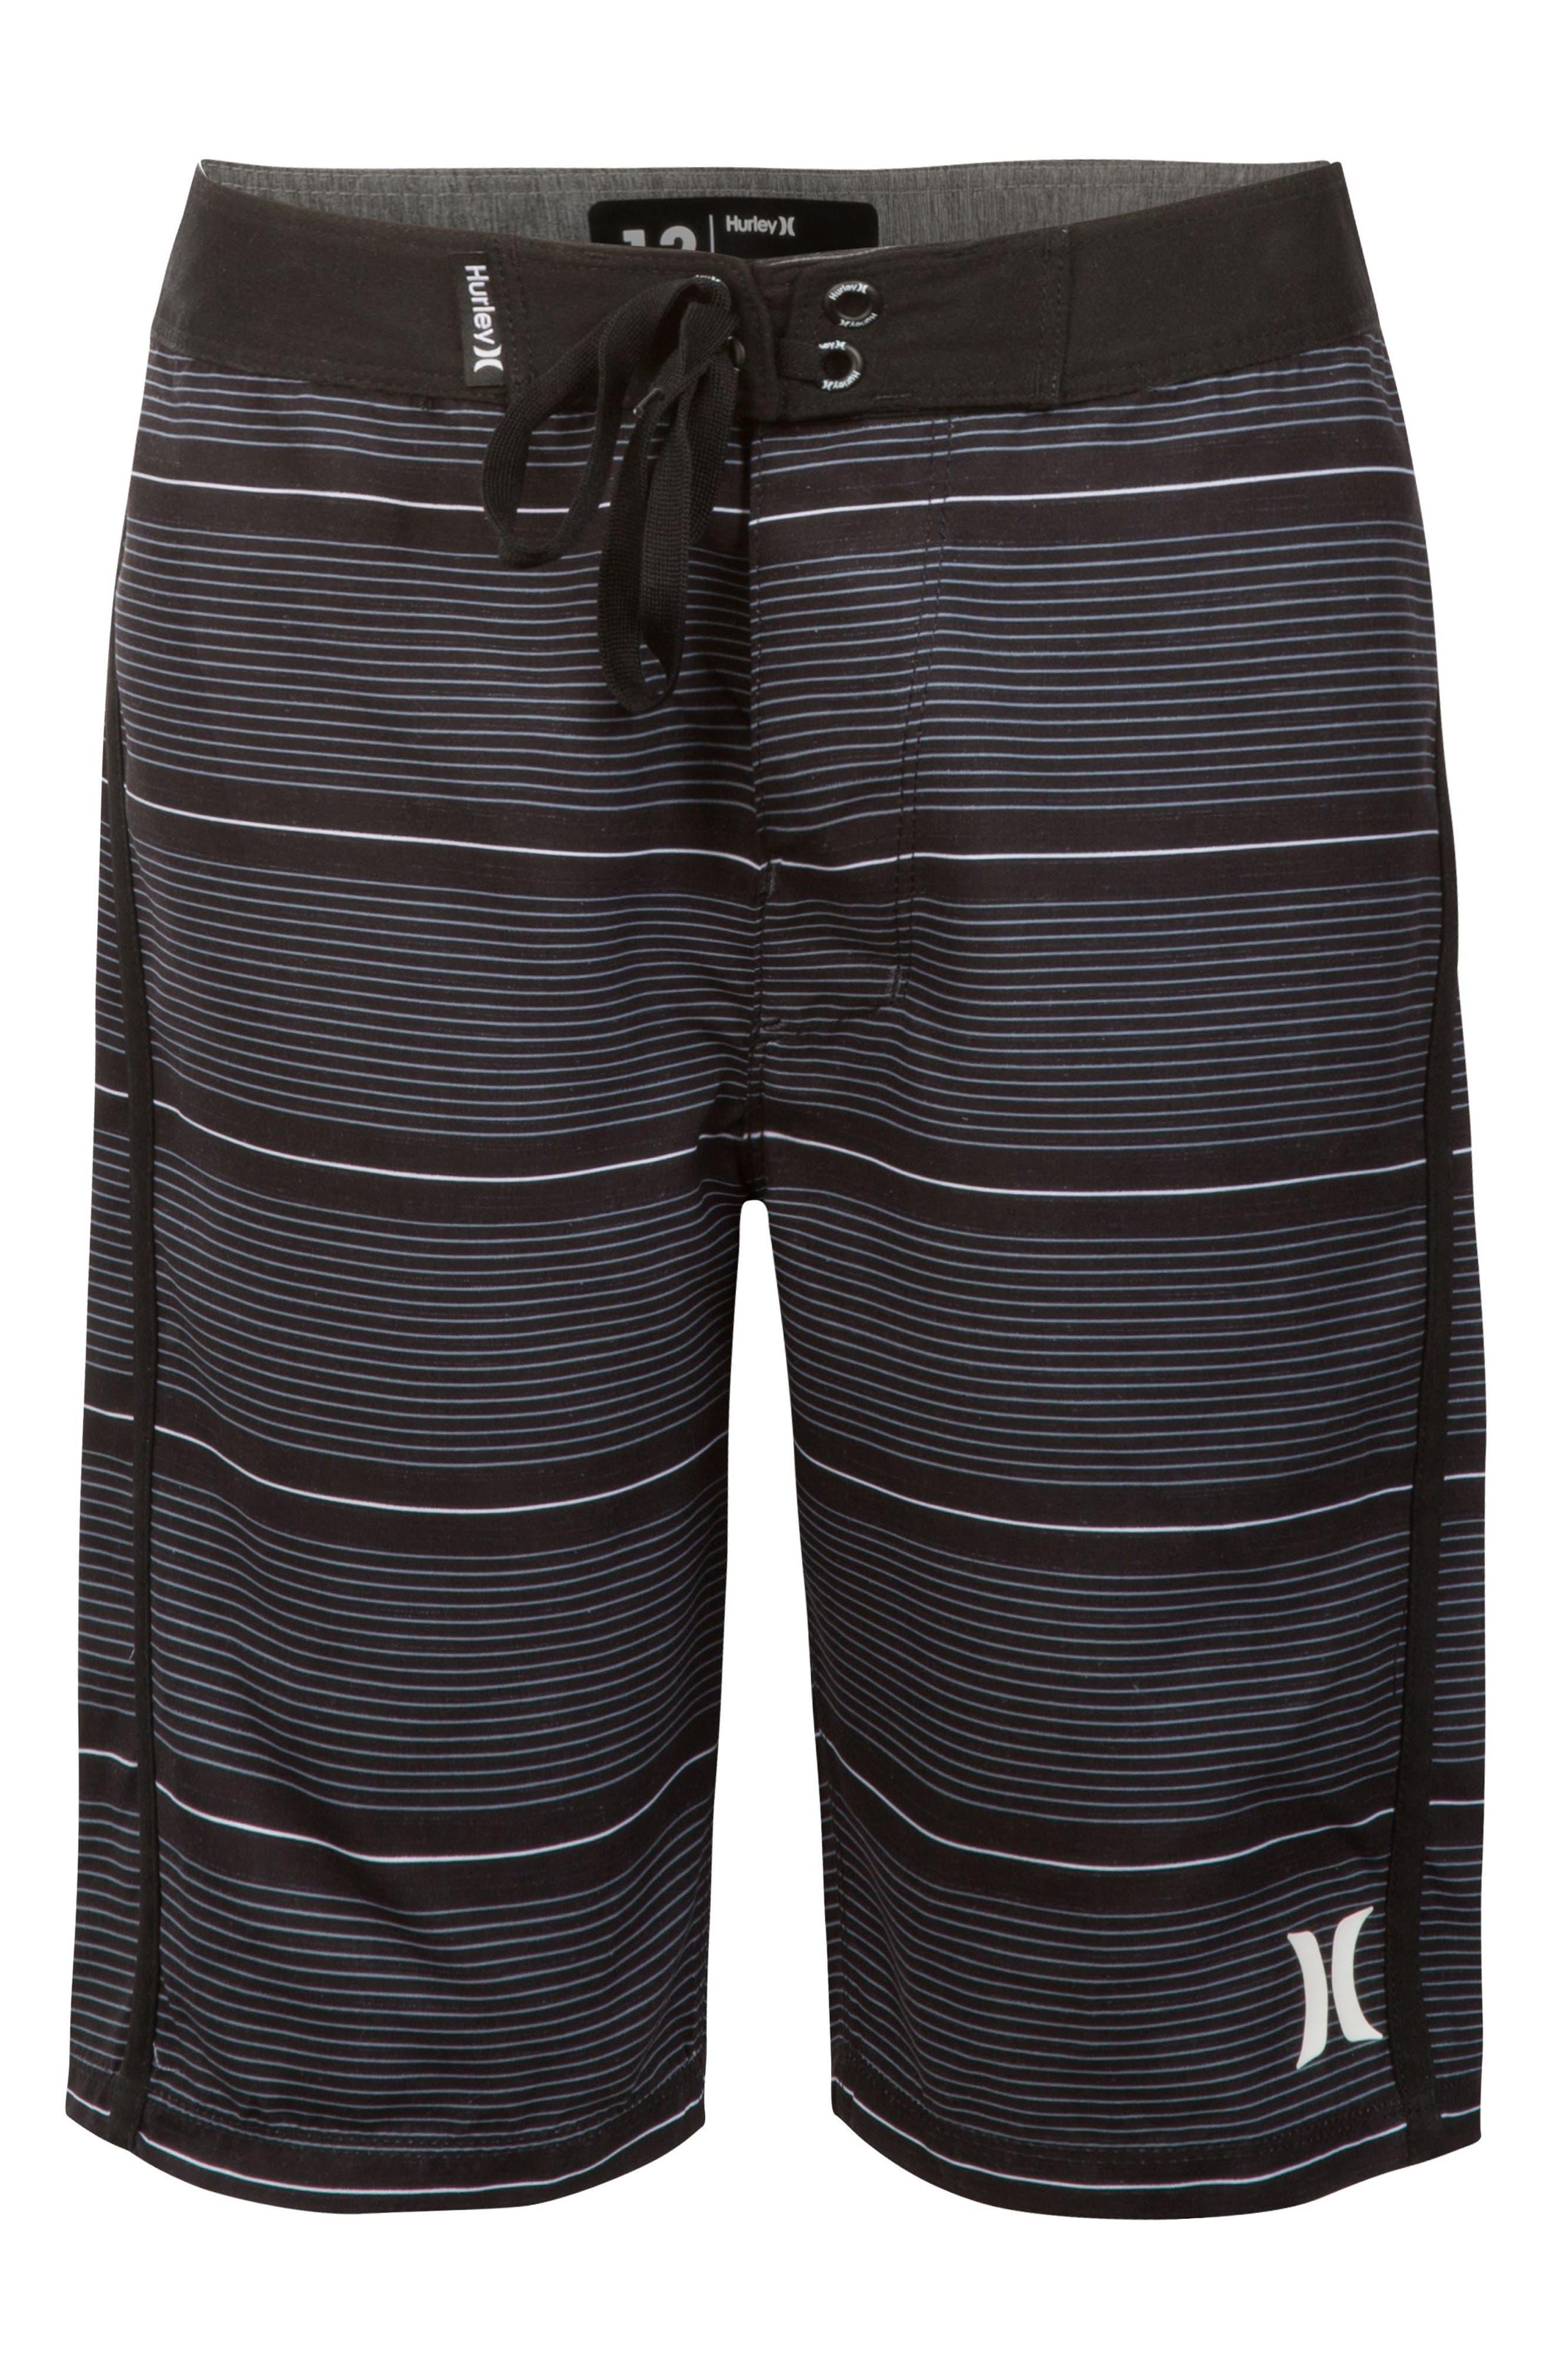 Shoreline Board Shorts,                         Main,                         color, BLACK